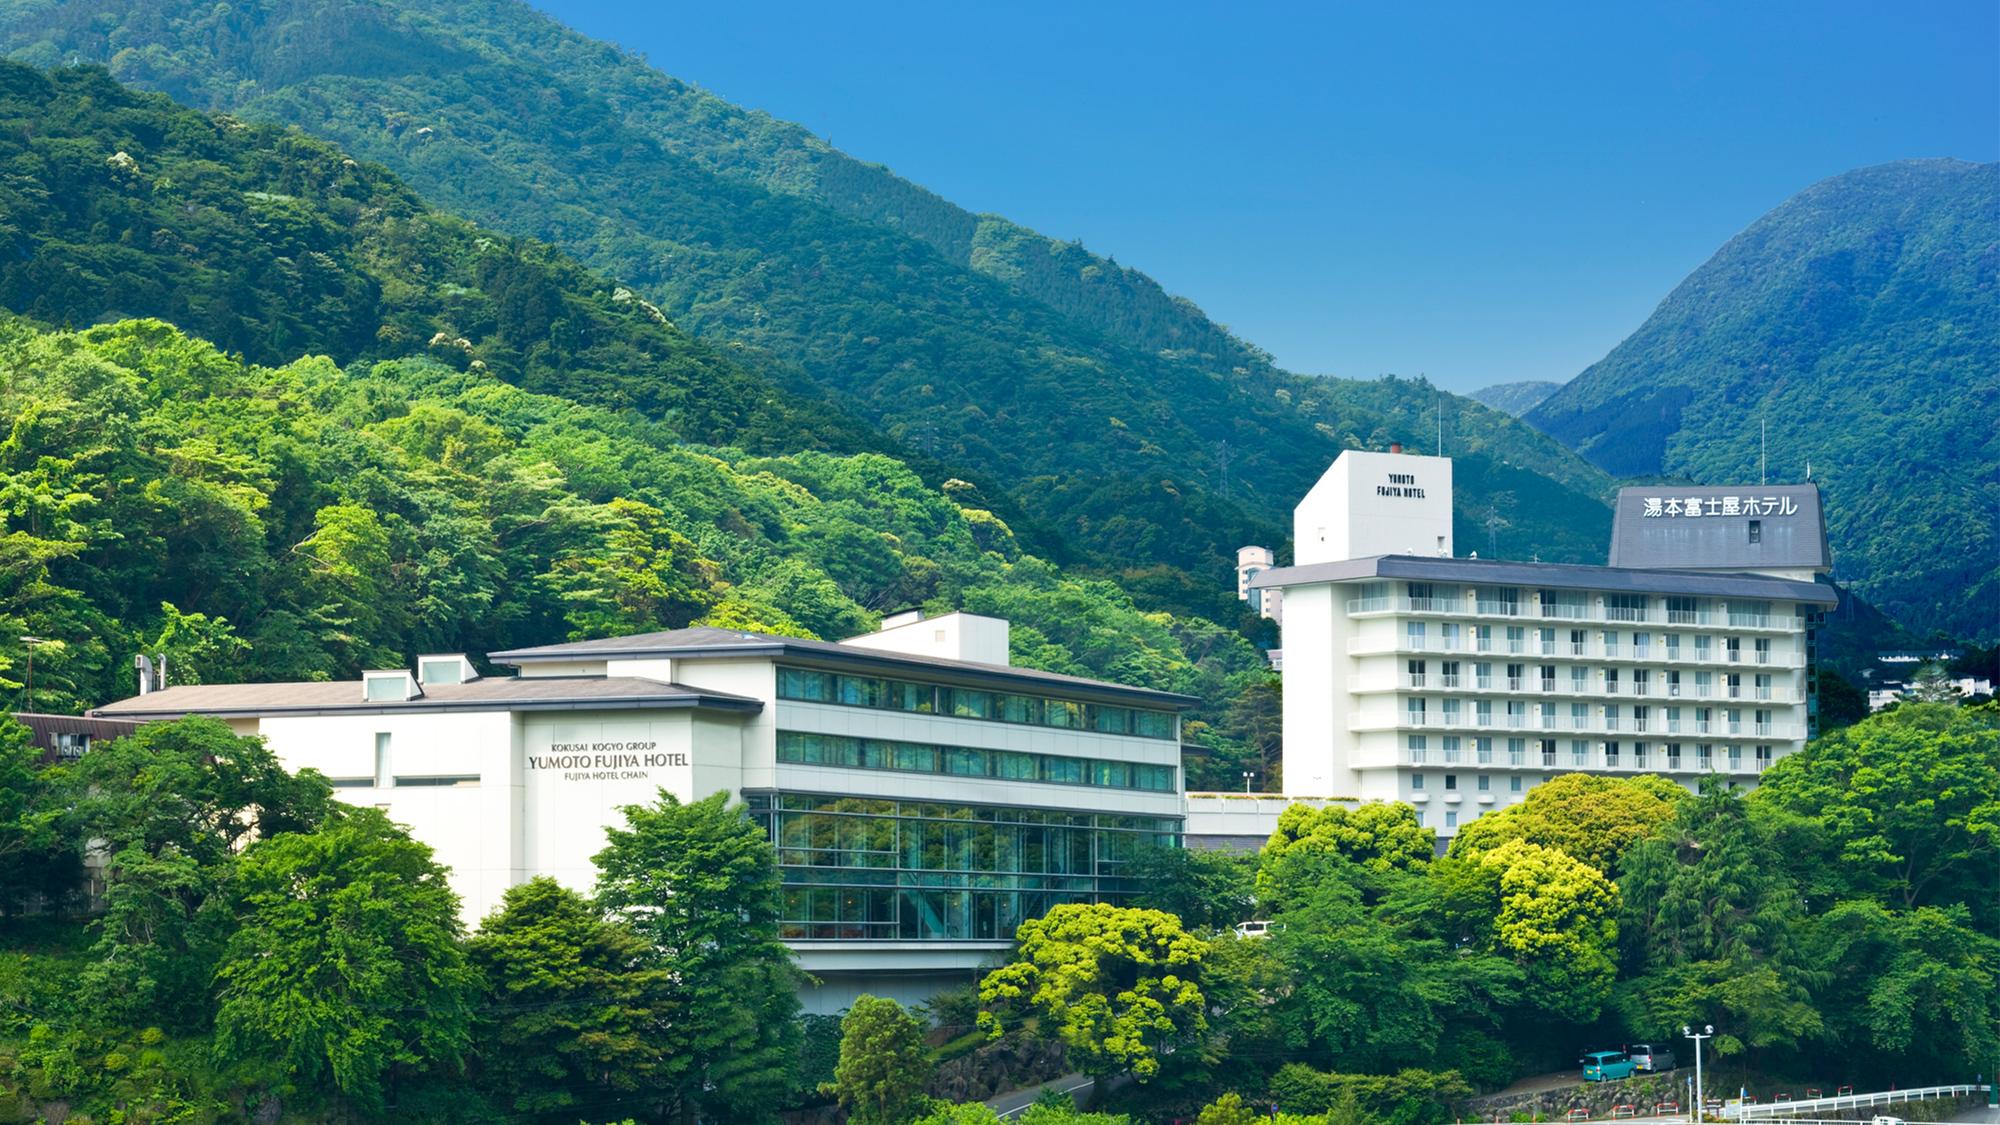 名物料理を堪能できる箱根温泉の宿を知りたい!